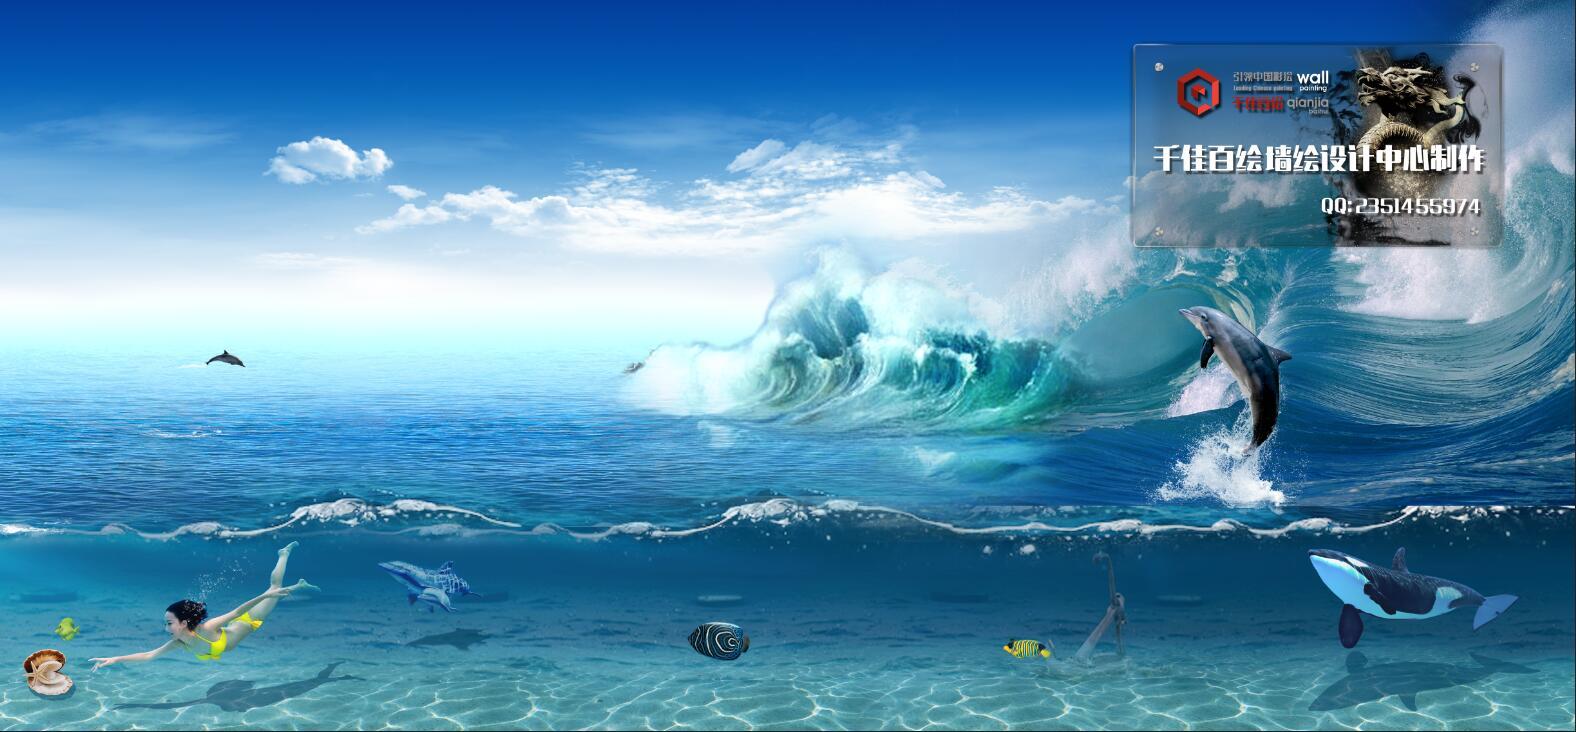 海边风景素材,游泳卡通矢量图,海浪墙绘素材,帆船墙绘素材,海边墙绘素